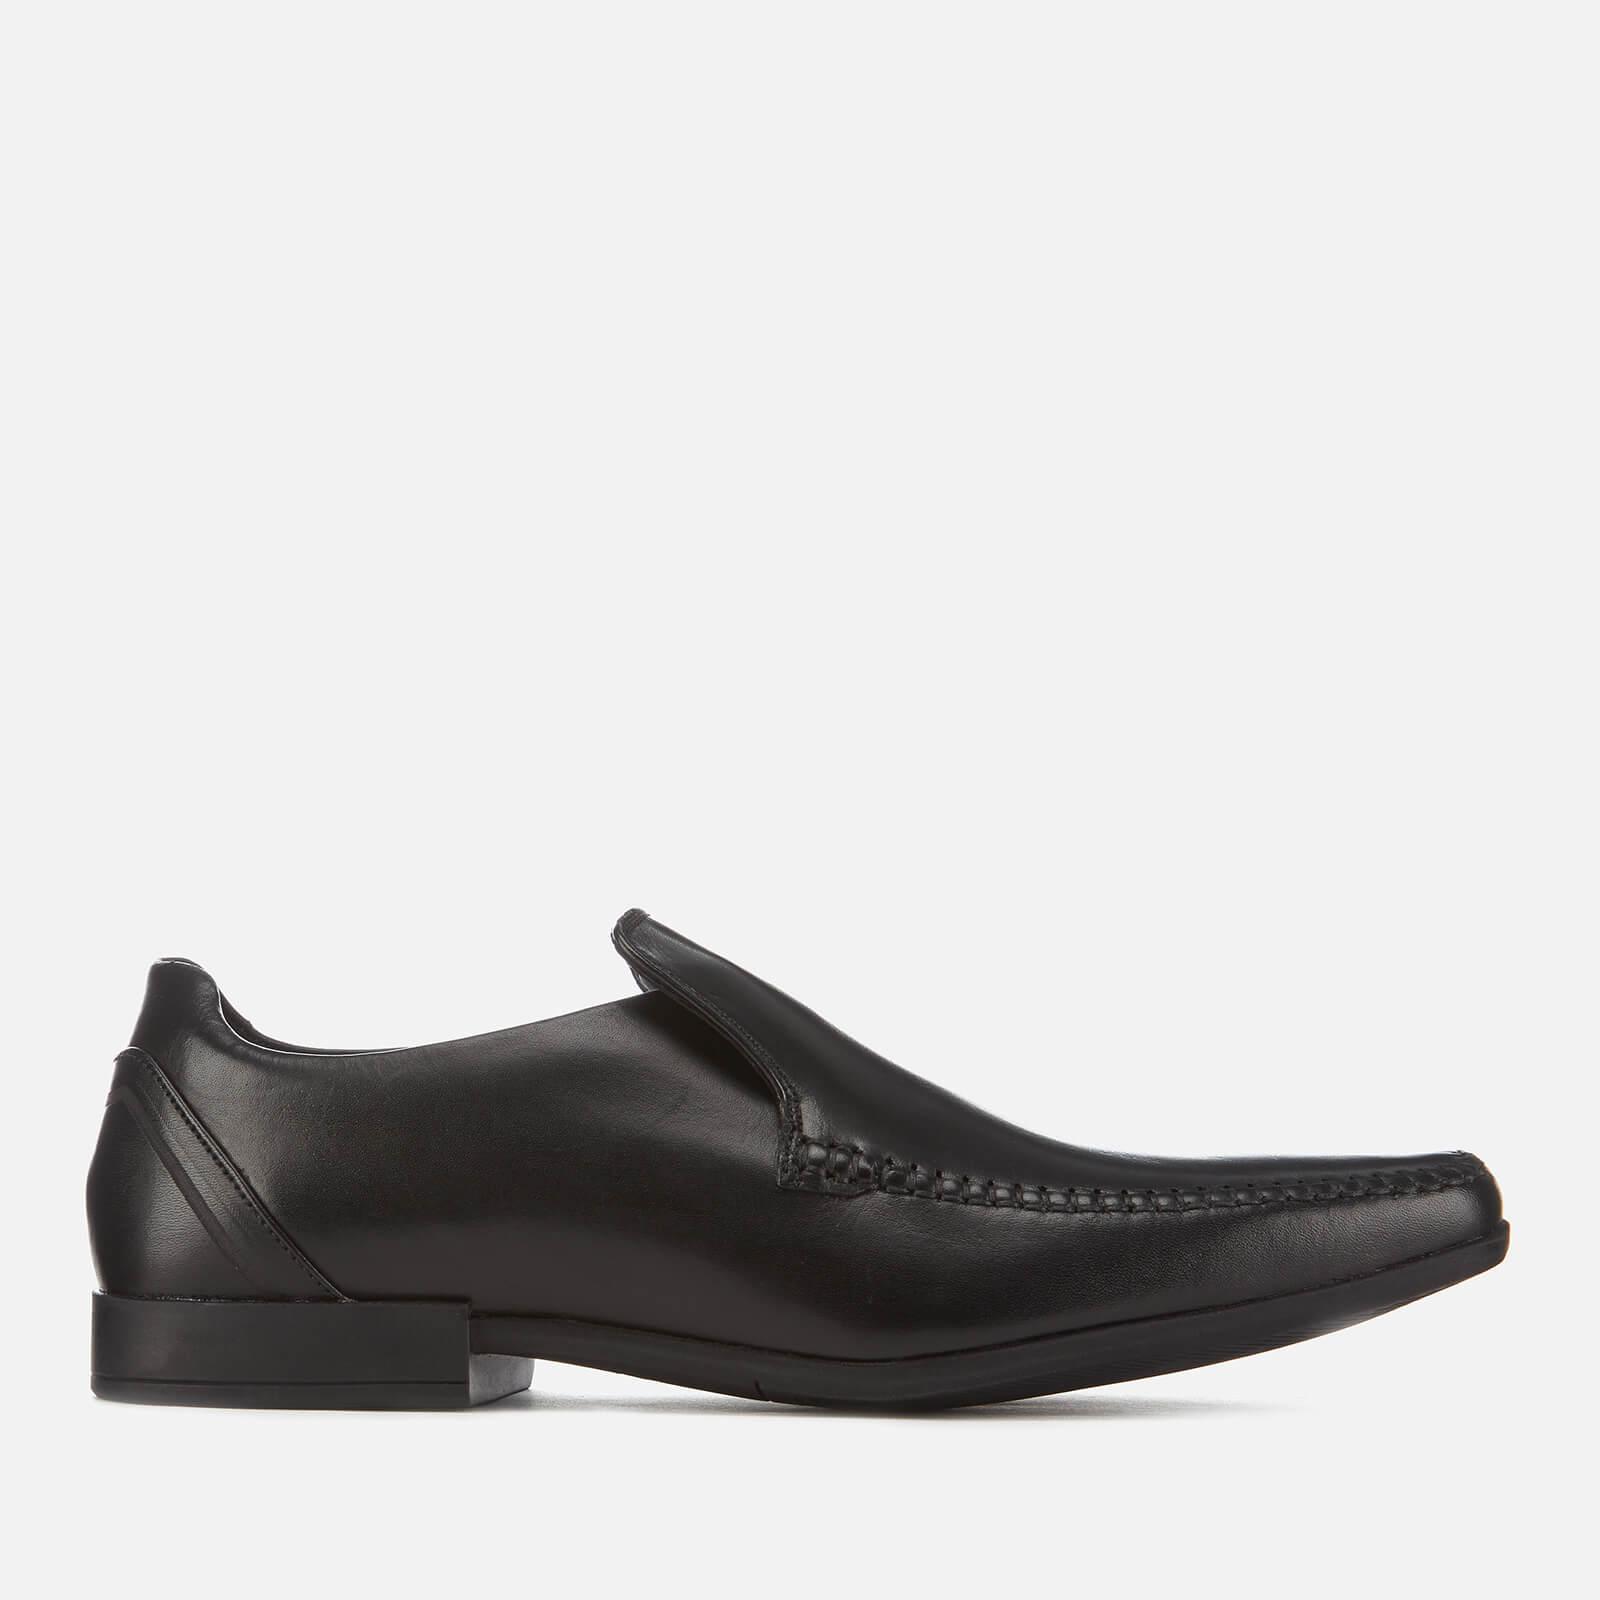 Clarks Men's Glement Seam Leather Slip-On Shoes - Black - UK 8